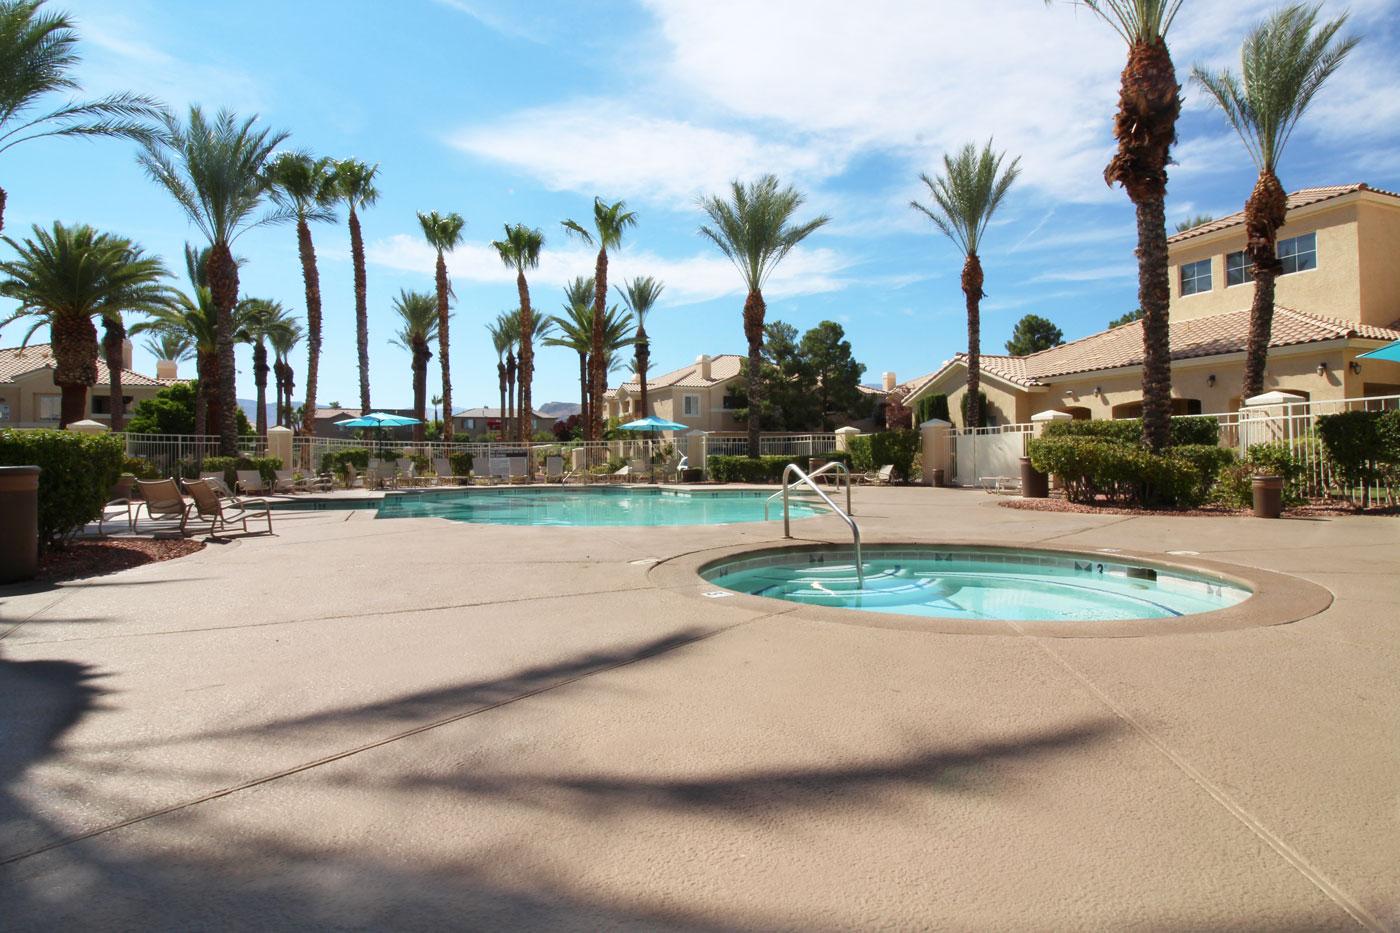 Pool & Hot Tub at La Villa Estates.